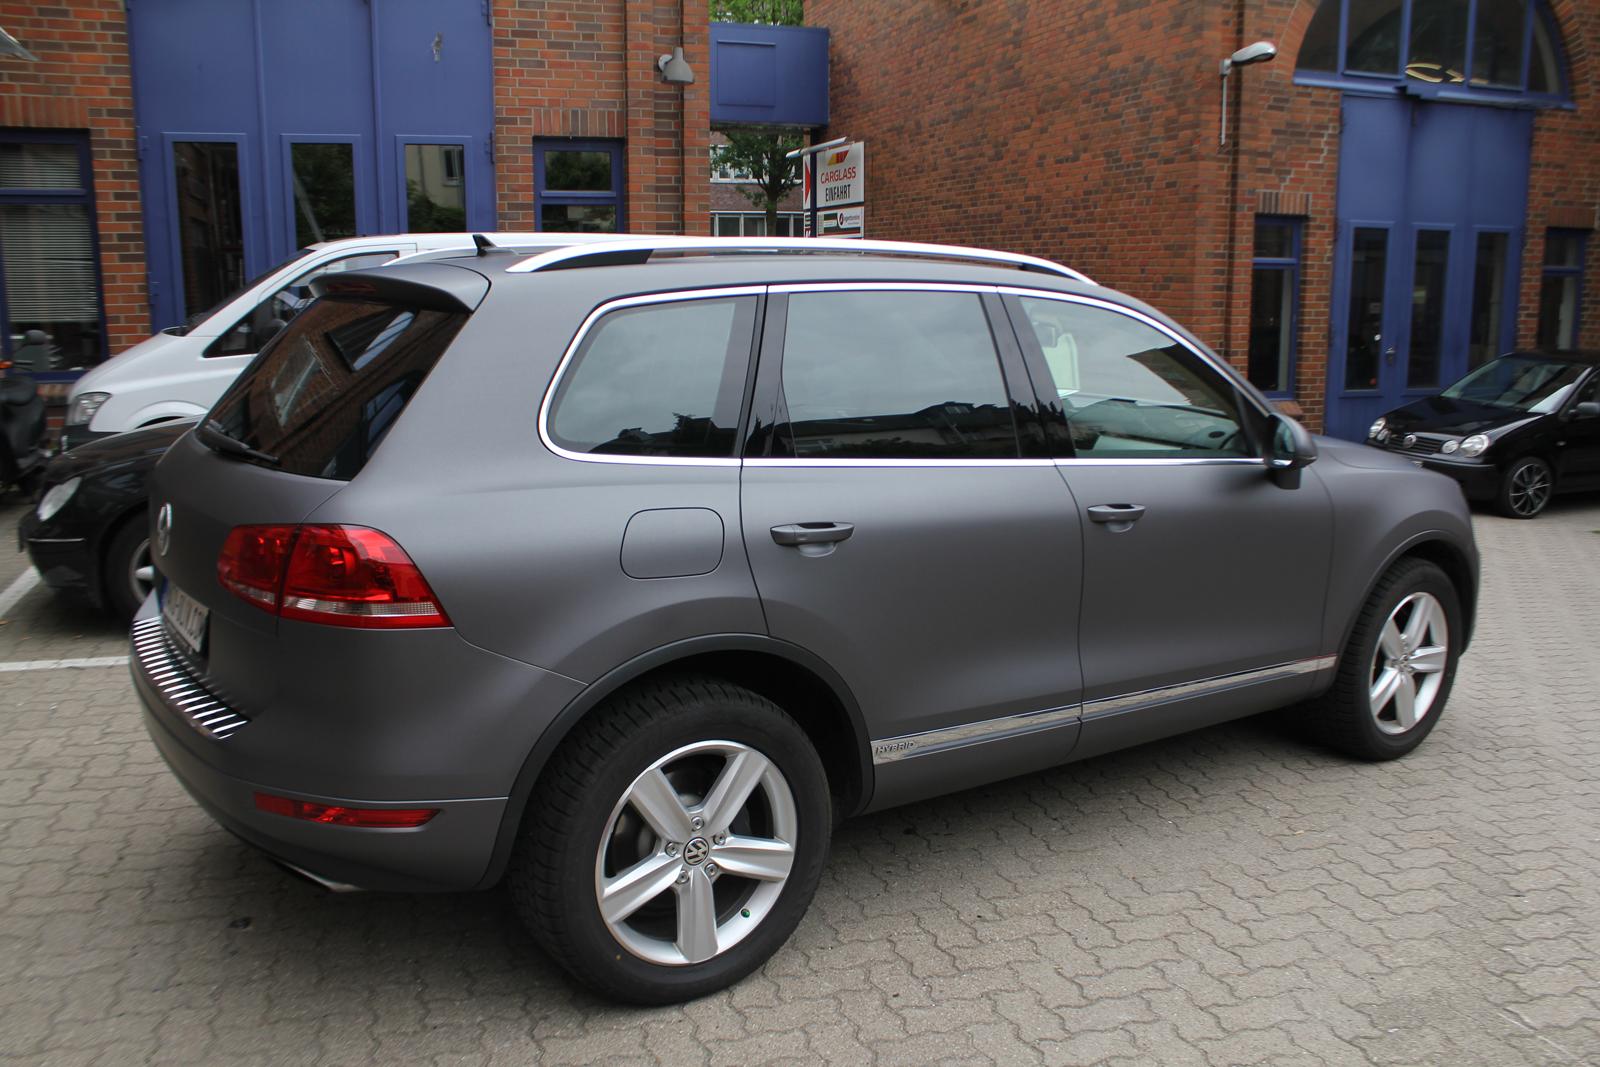 schraege Heckansicht des mit Folie in anthrazit metallic matt beklebten VW Touareg